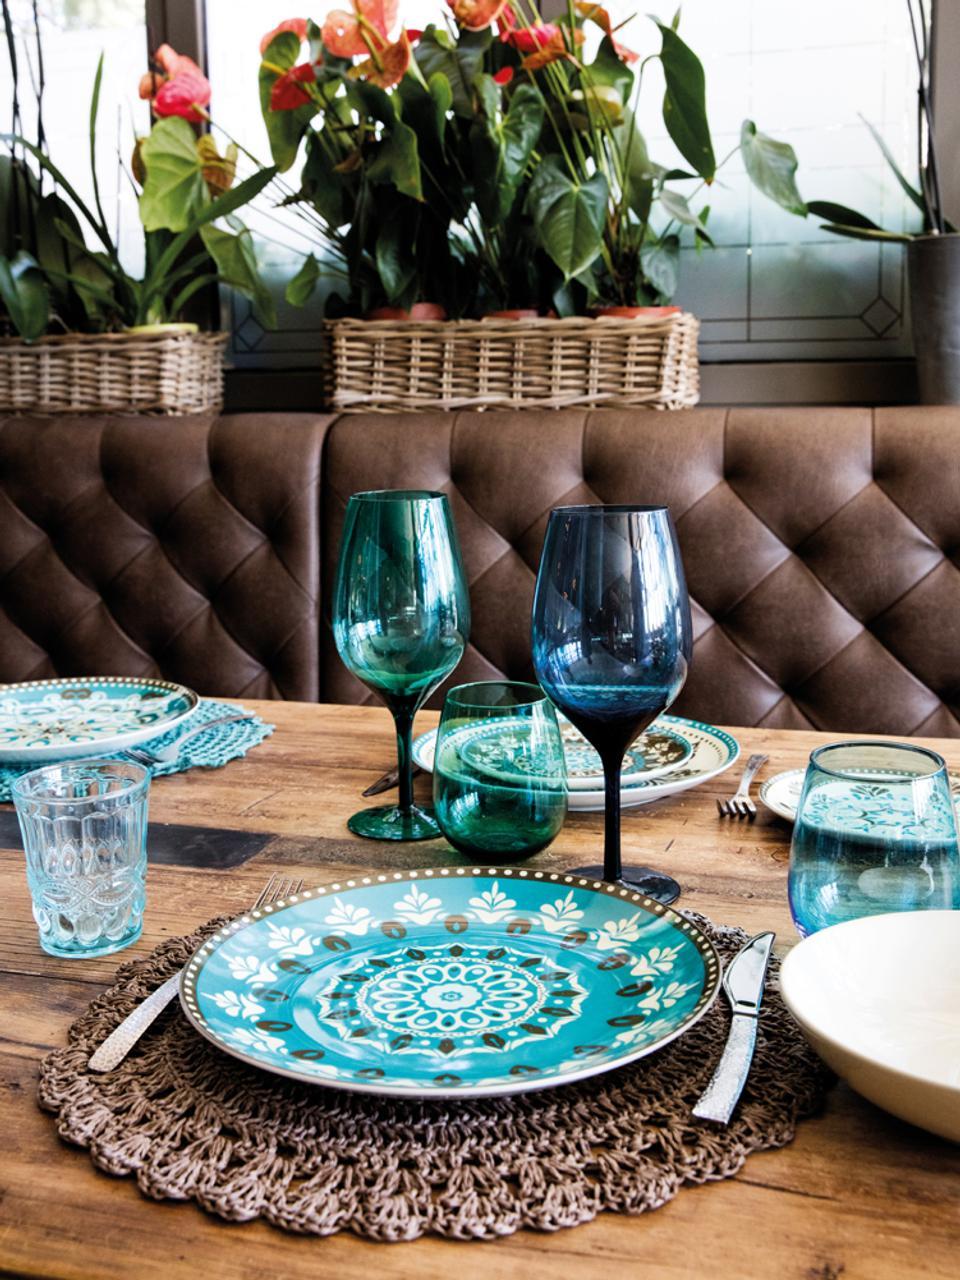 Wassergläser Nobilis in Bunt mit dekorativem Reliefmuster, 6er-Set, Glas, Mehrfarbig, Ø 8 x H 10 cm